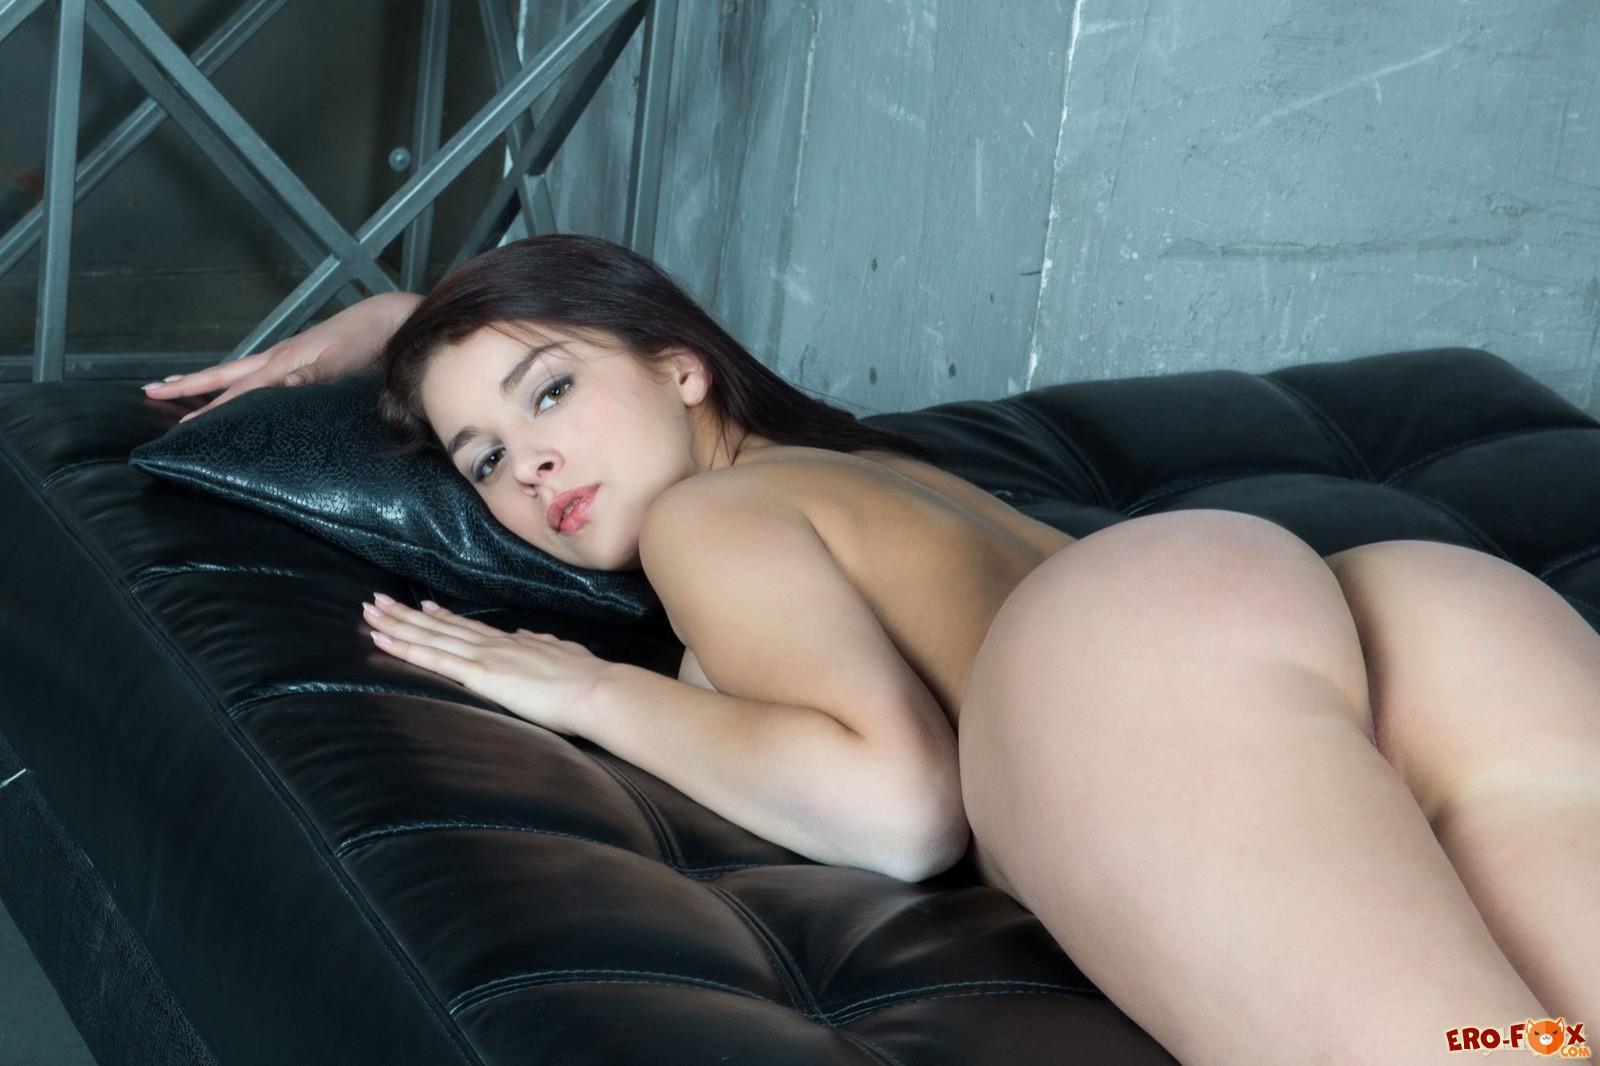 Голая девка с крупной грудью